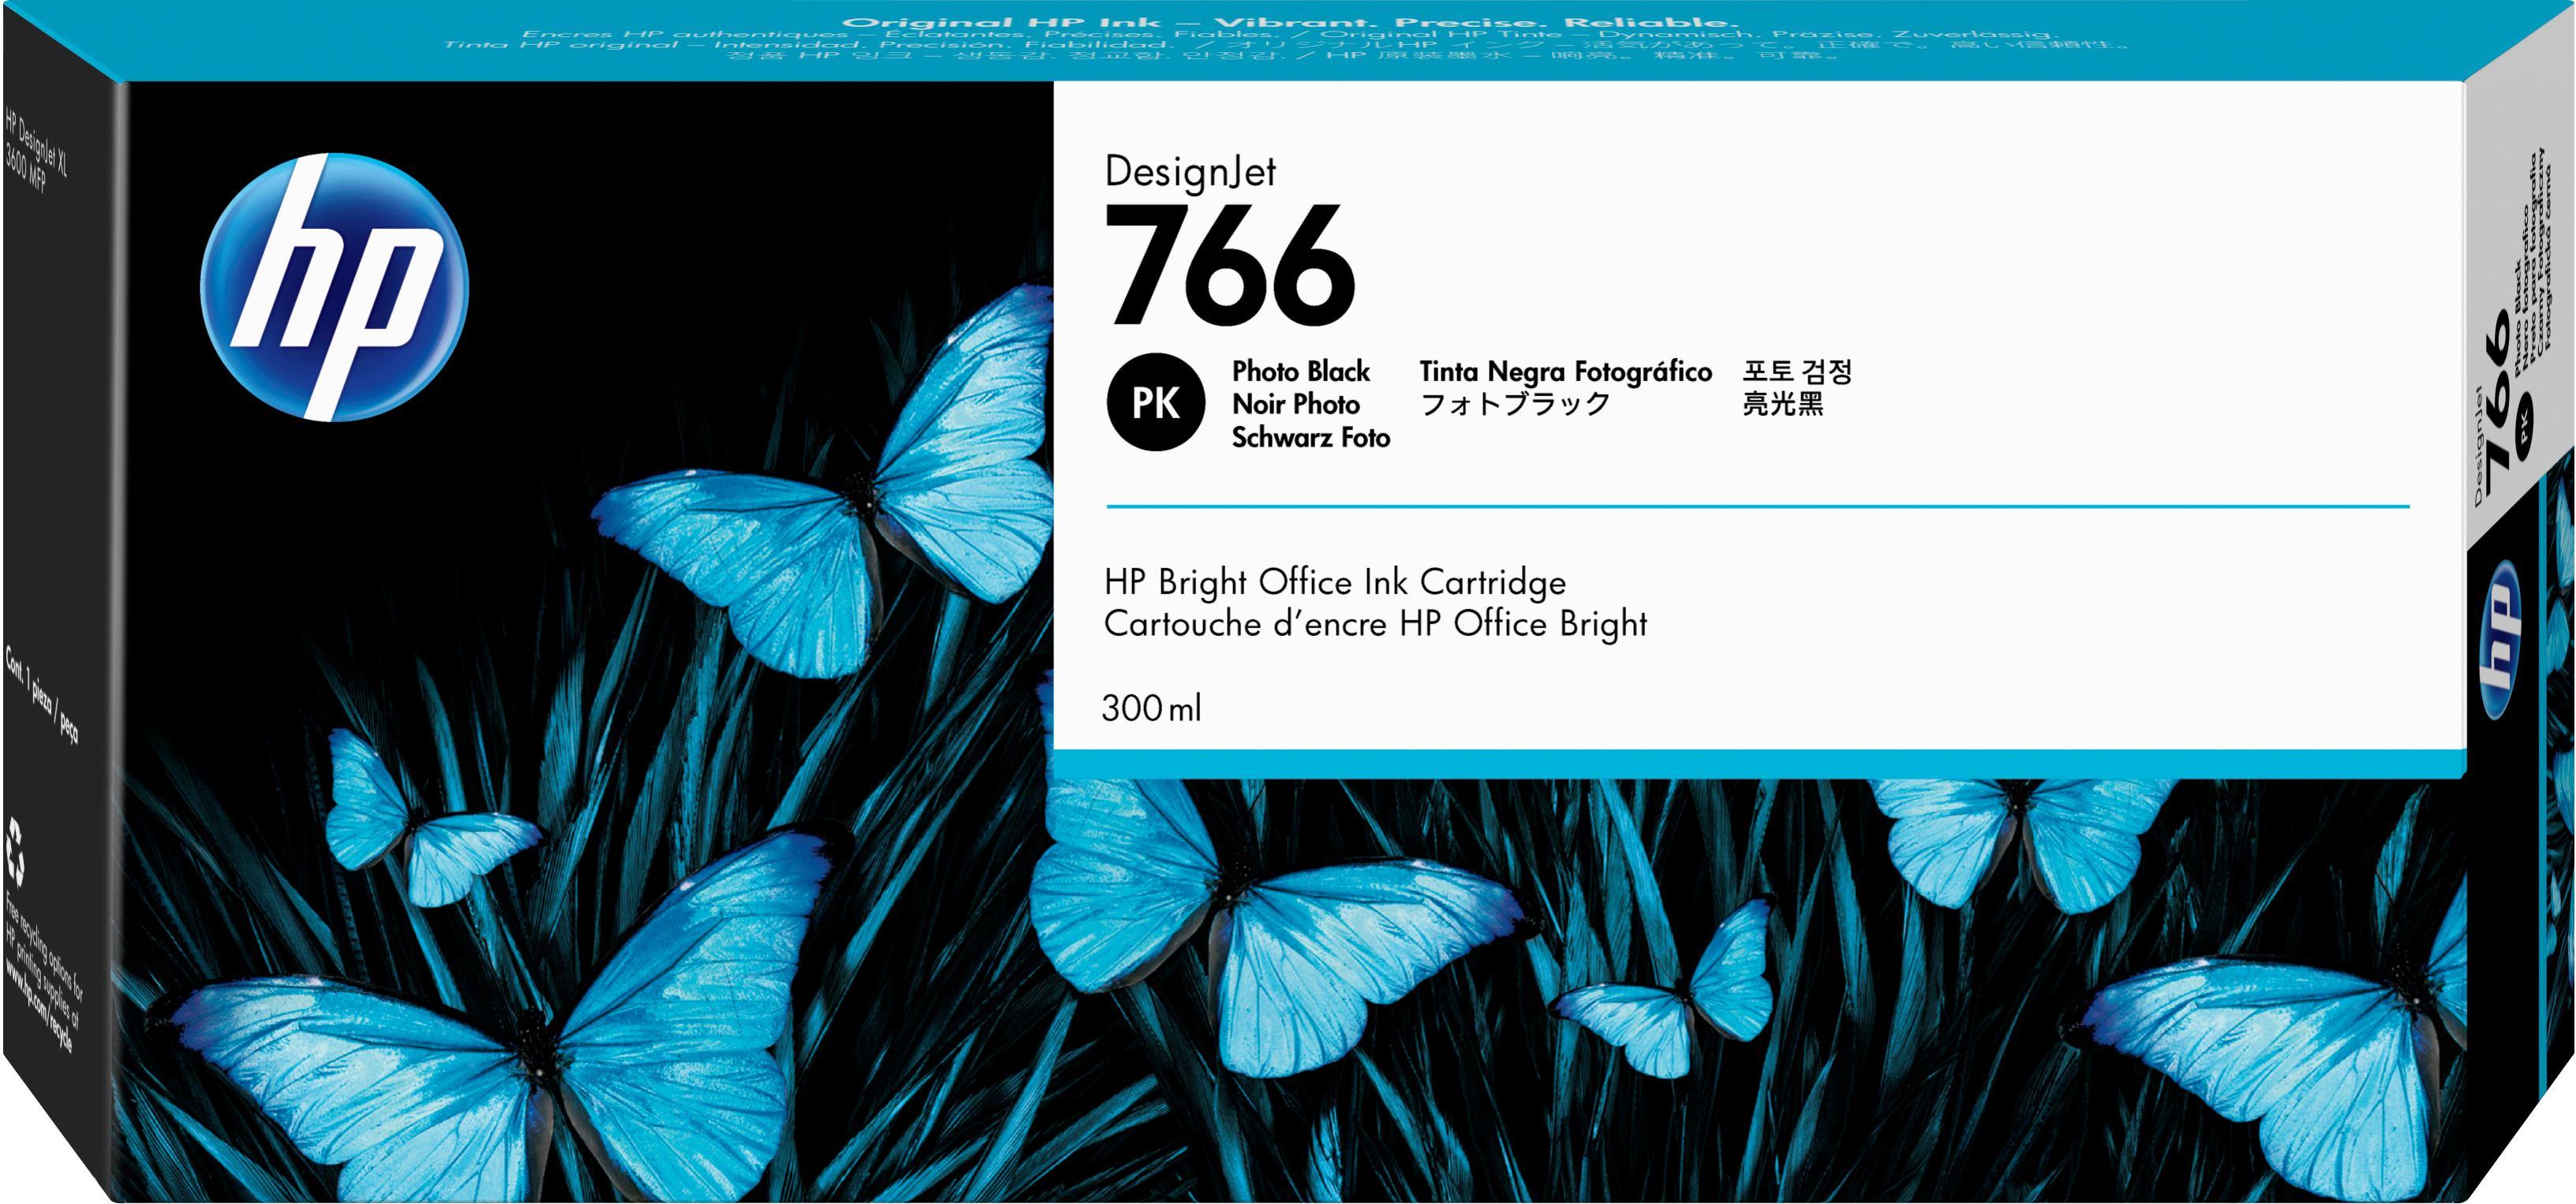 2022274-HP-766-Originale-Nero-per-foto-1-pezzo-i-HP-766-300-ml-Photo-Black